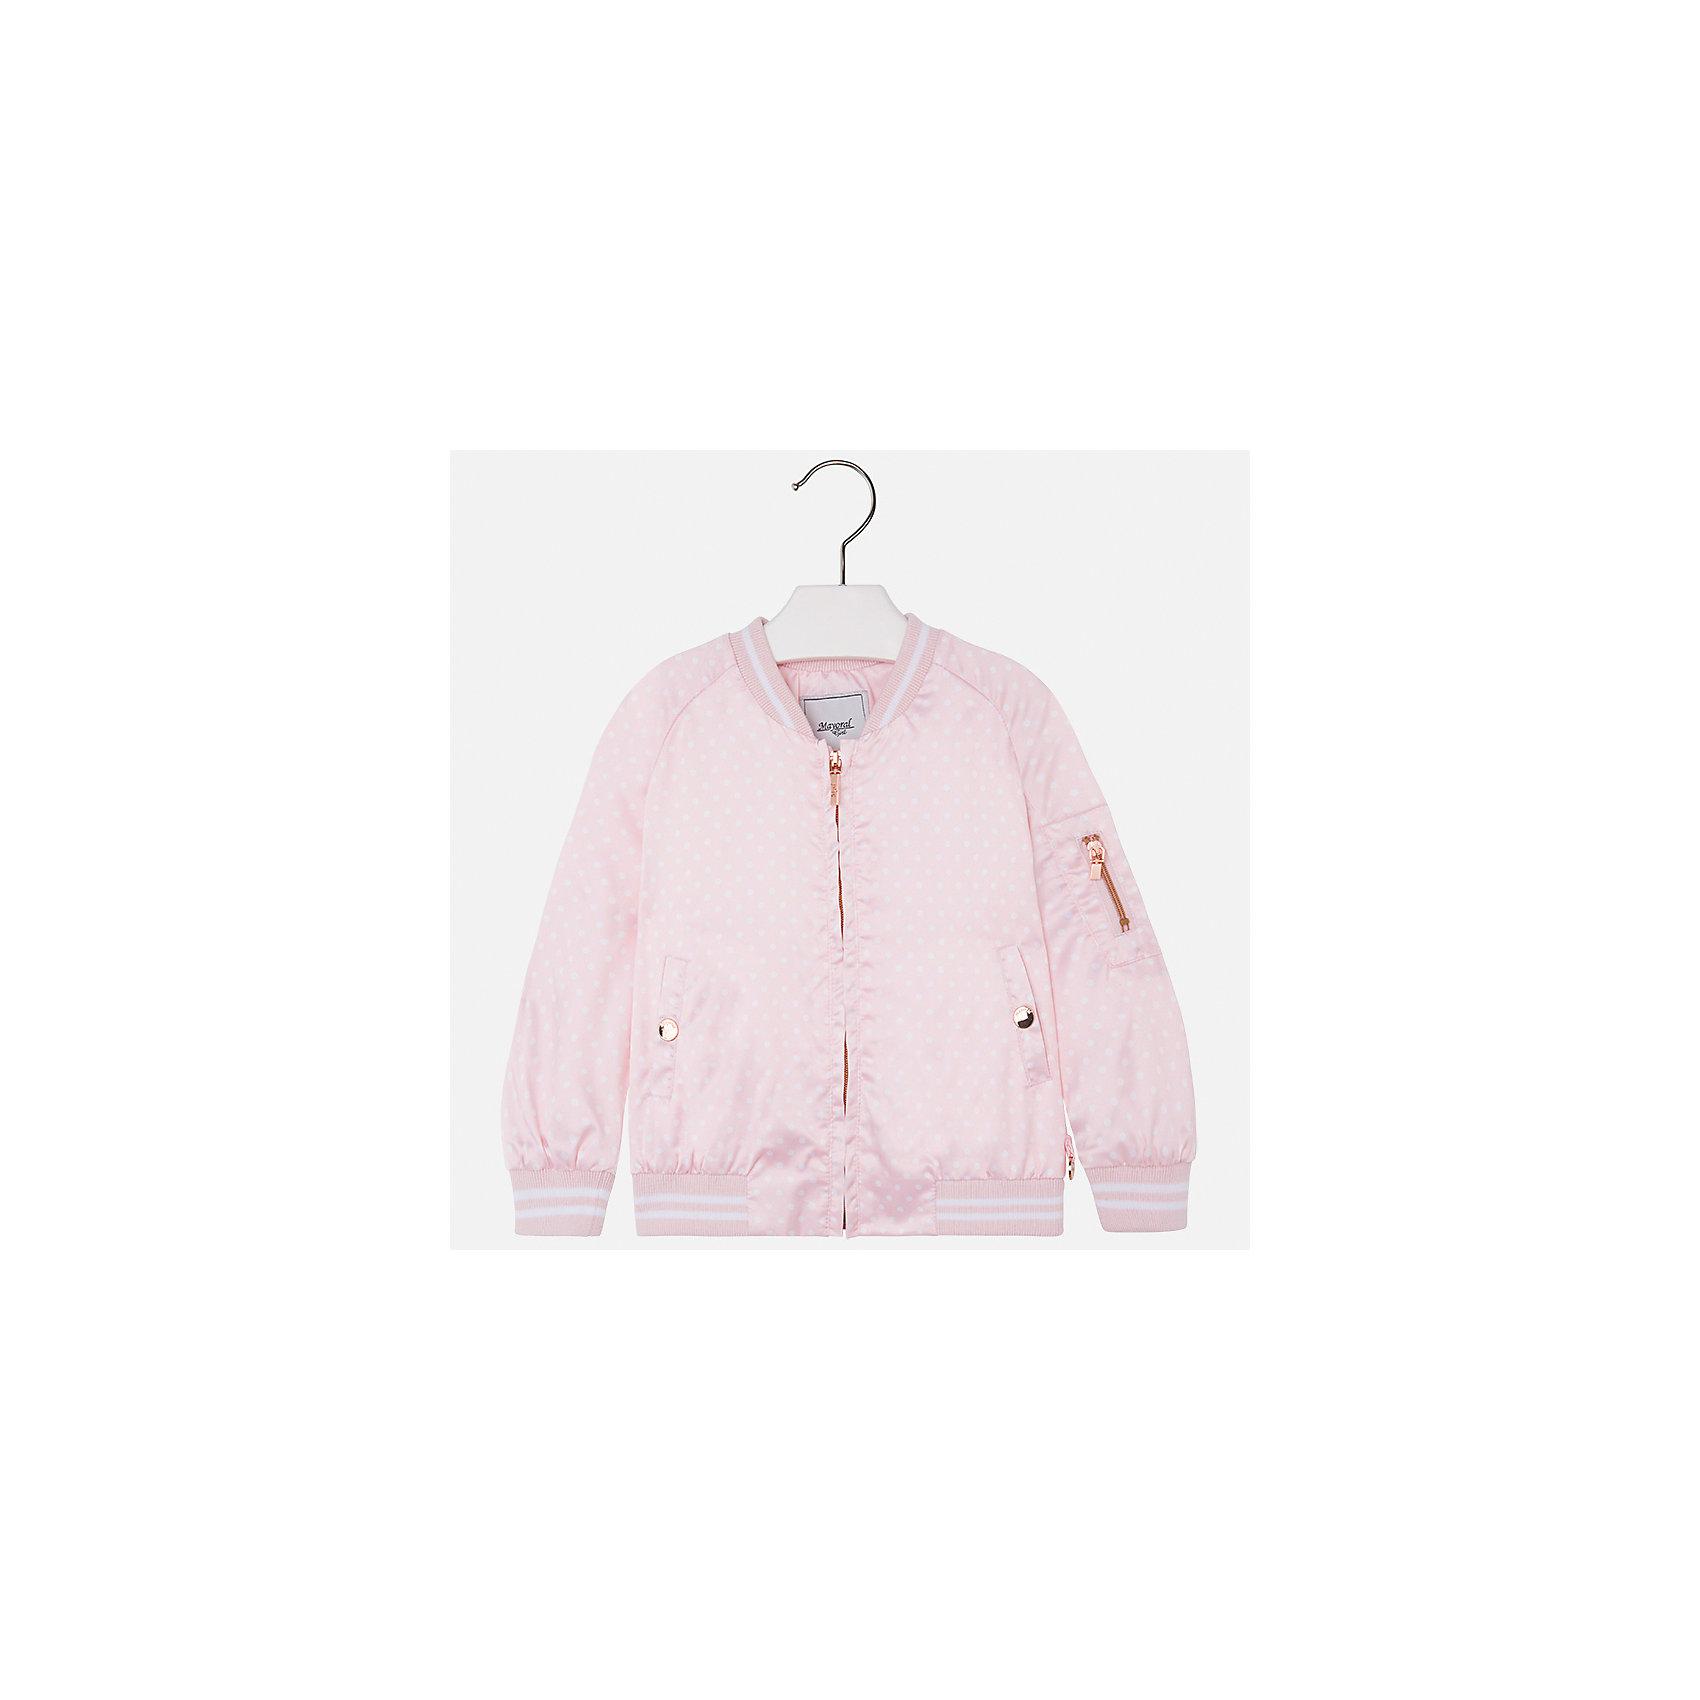 Куртка для девочки MayoralВерхняя одежда<br>Характеристики товара:<br><br>• цвет: розовый<br>• состав: 97% полиэстер, 3% эластан<br>• застежка: молния<br>• карманы<br>• с длинными рукавами <br>• манжеты<br>• низ - трикотажная резинка<br>• страна бренда: Испания<br><br>Модная удобная куртка для девочки поможет разнообразить гардероб ребенка и обеспечить тепло в прохладную погоду. Она отлично сочетается и с юбками, и с брюками. Красивый цвет позволяет подобрать к вещи низ различных расцветок. Интересная отделка модели делает её нарядной и стильной. <br><br>Одежда, обувь и аксессуары от испанского бренда Mayoral полюбились детям и взрослым по всему миру. Модели этой марки - стильные и удобные. Для их производства используются только безопасные, качественные материалы и фурнитура. Порадуйте ребенка модными и красивыми вещами от Mayoral! <br><br>Куртку для девочки от испанского бренда Mayoral (Майорал) можно купить в нашем интернет-магазине.<br><br>Ширина мм: 356<br>Глубина мм: 10<br>Высота мм: 245<br>Вес г: 519<br>Цвет: розовый<br>Возраст от месяцев: 18<br>Возраст до месяцев: 24<br>Пол: Женский<br>Возраст: Детский<br>Размер: 92,134,98,104,110,116,122,128<br>SKU: 5290251